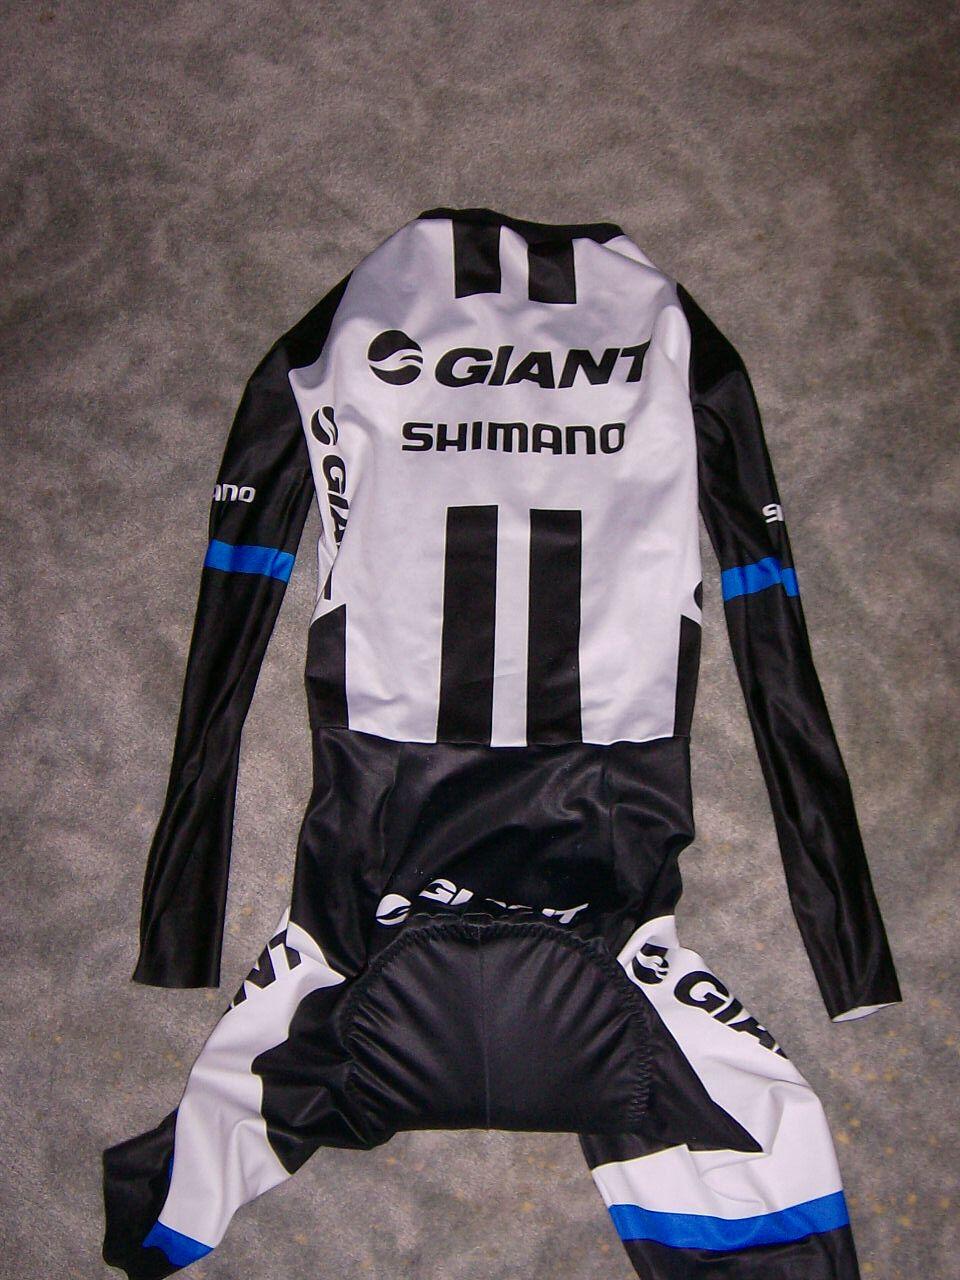 Rarität Etxeondo Team Giant Shimano Aero Zeitfahranzug Skinsuit / Skinsuit Zeitfahranzug 2aa7bf